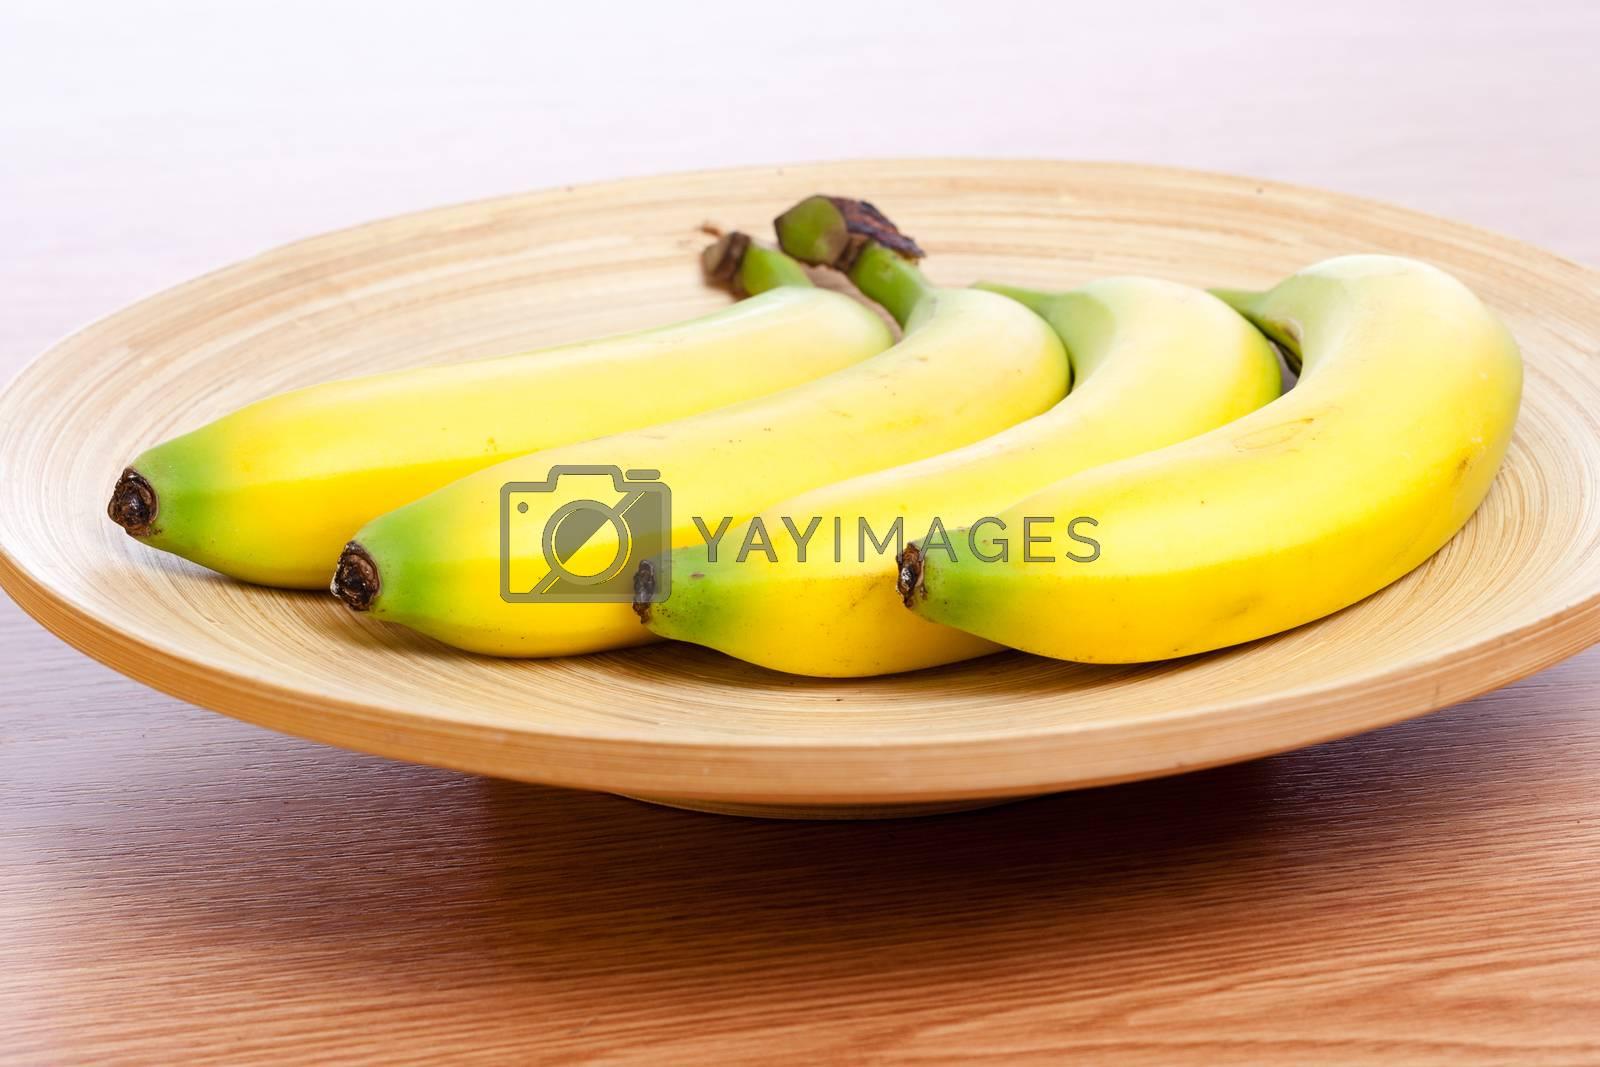 Royalty free image of banana by furo_felix